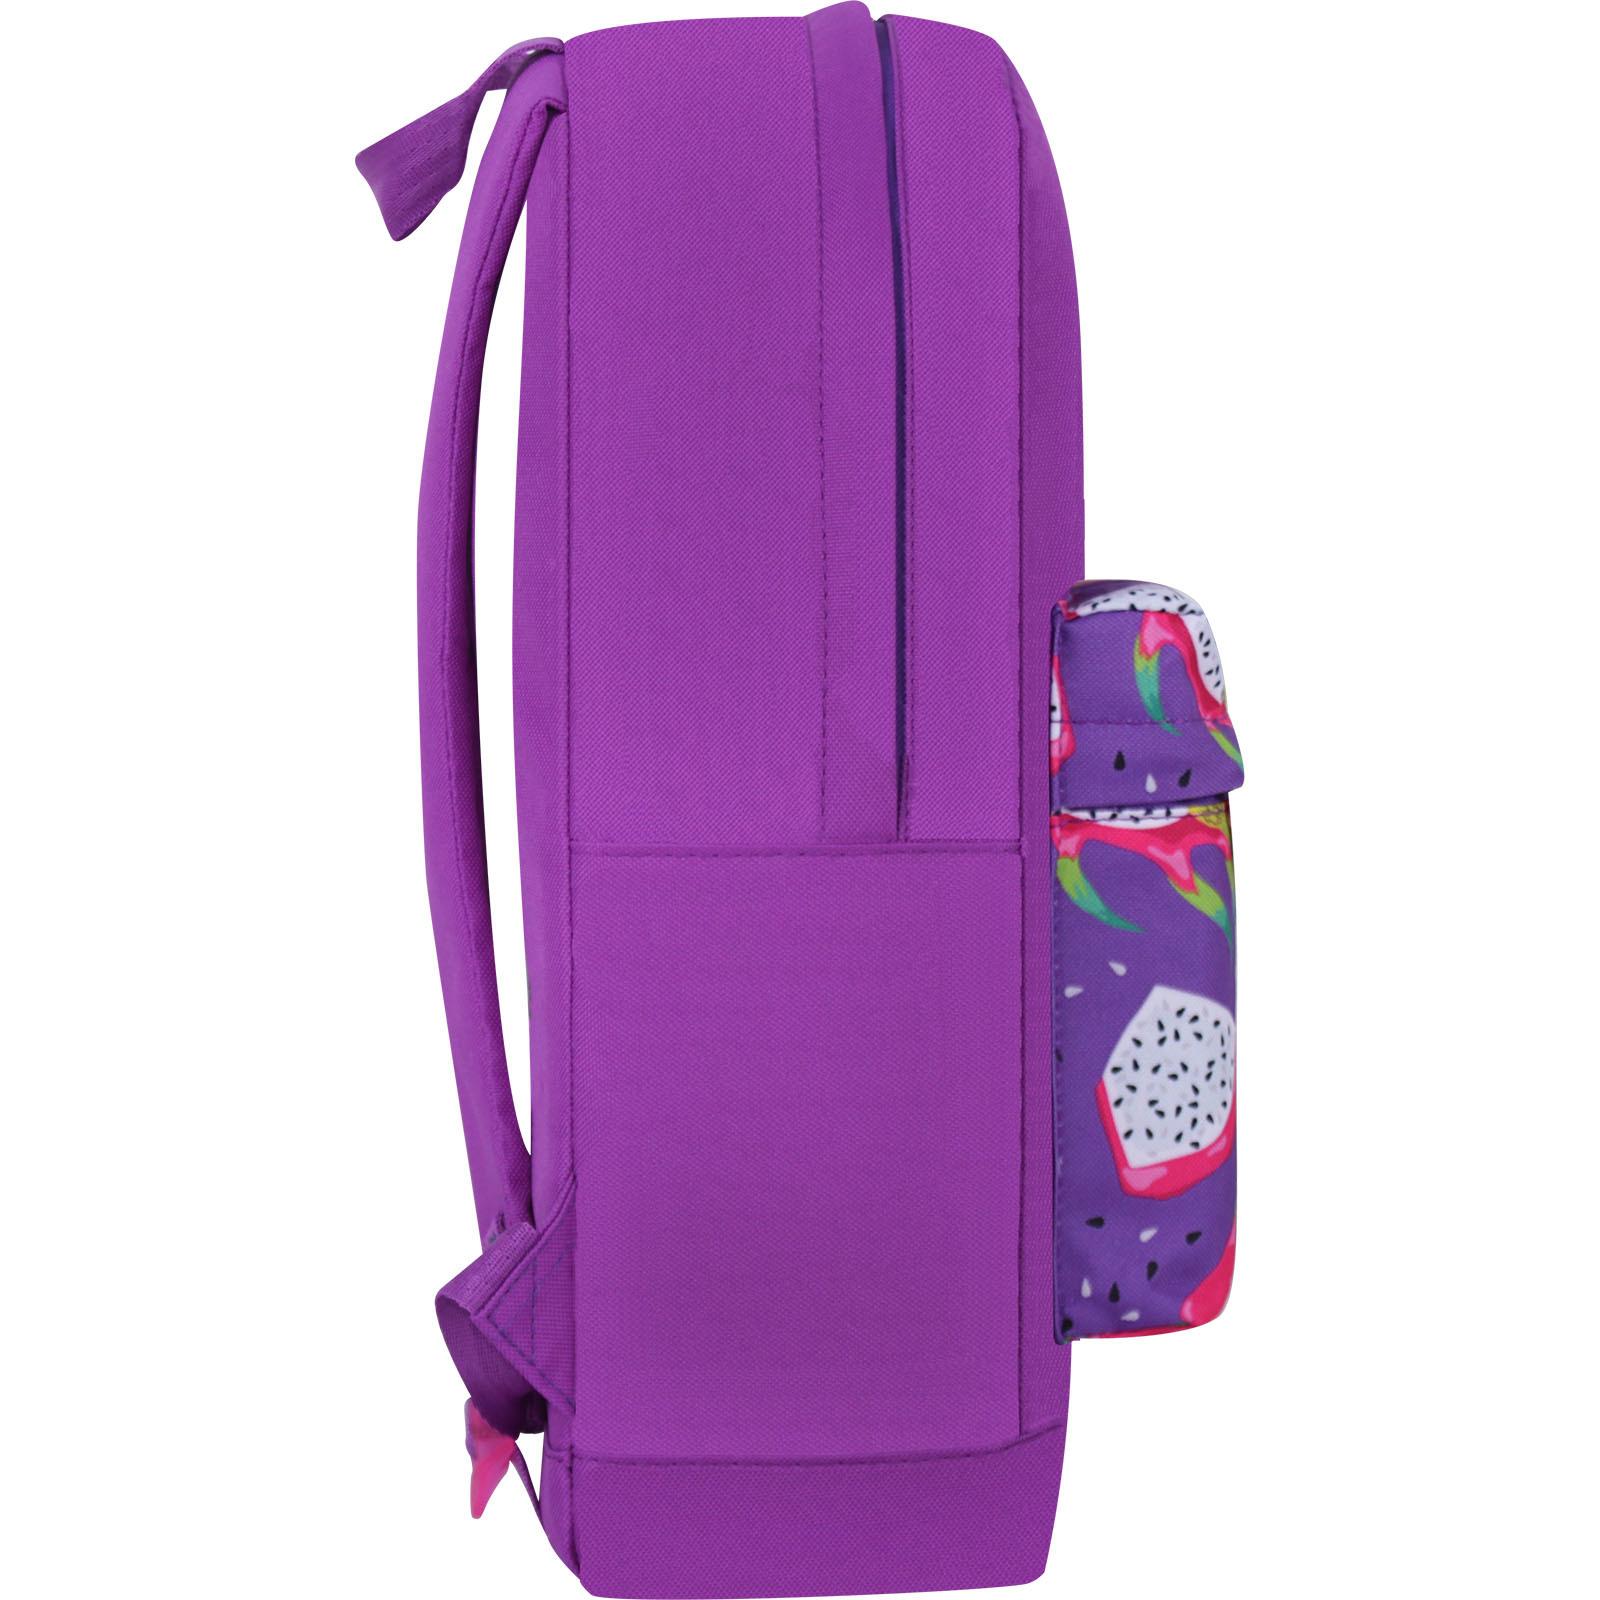 Рюкзак Bagland Молодежный W/R 17 л. 170 Фиолетовый 759 (00533662) фото 2